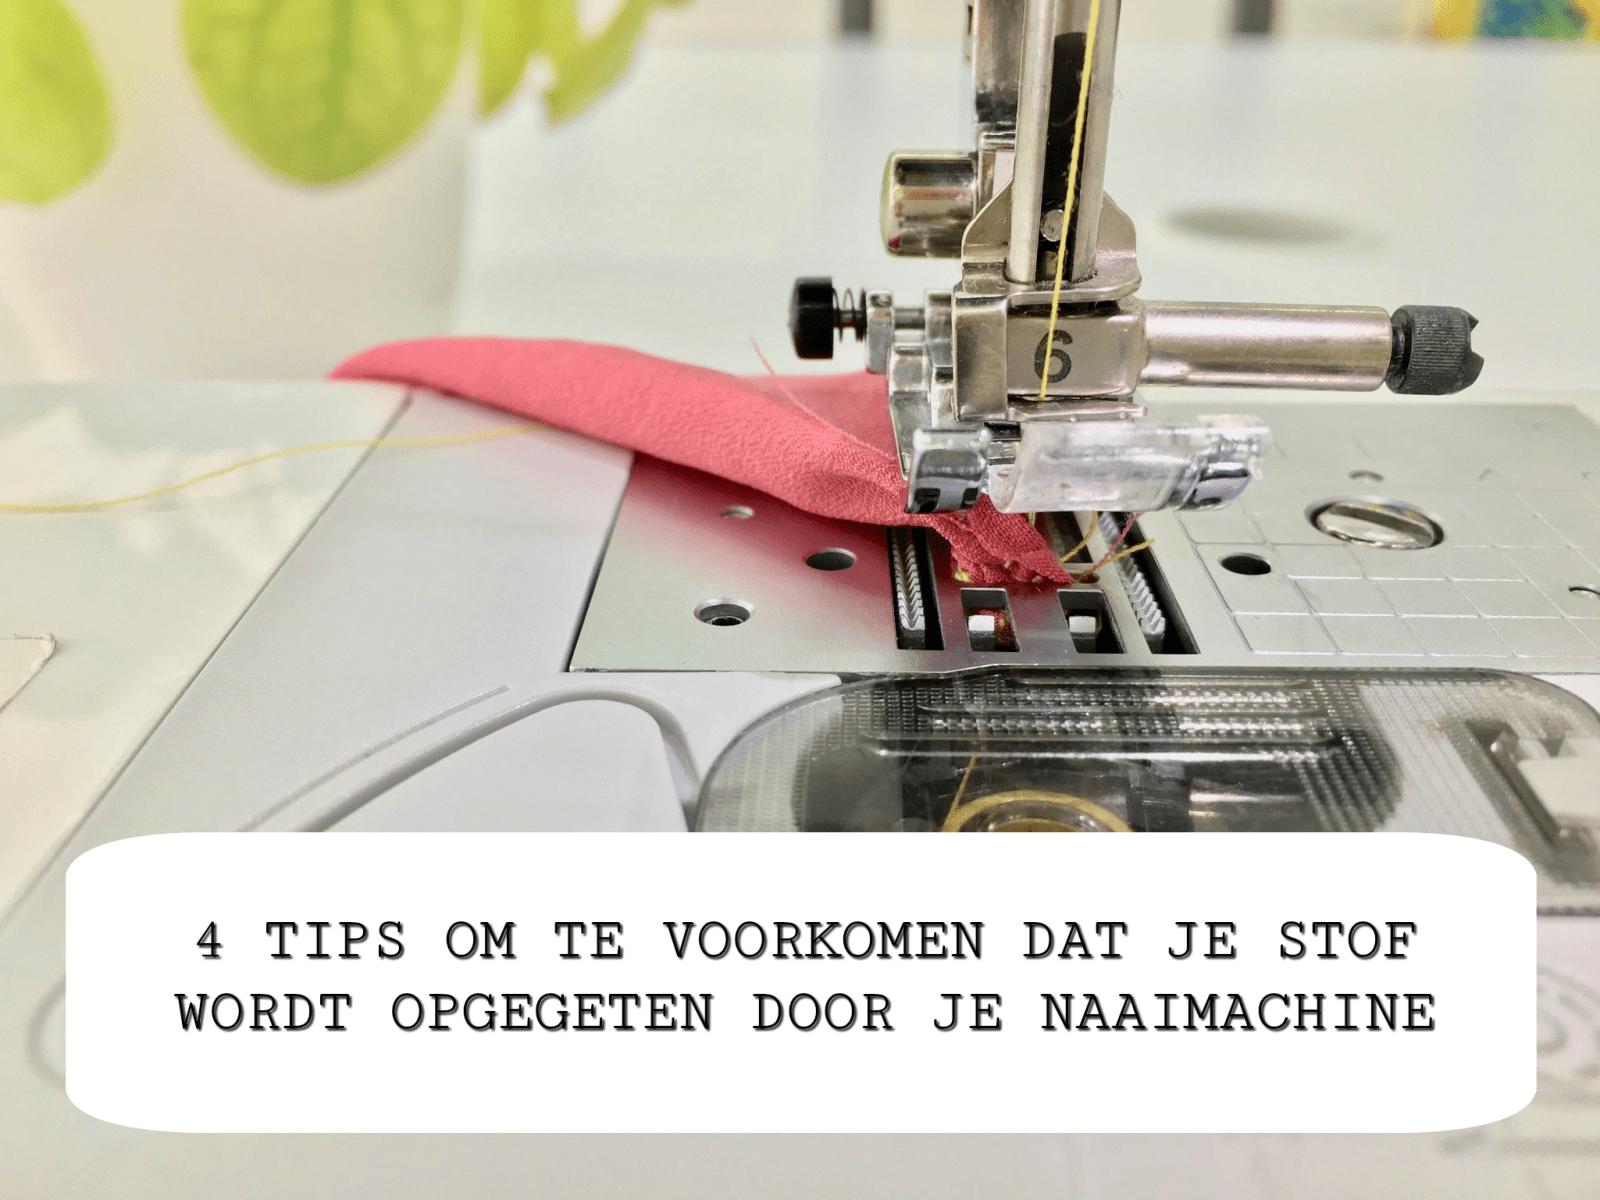 4 Tips om te voorkomen dat je naaimachine je stof opeet!